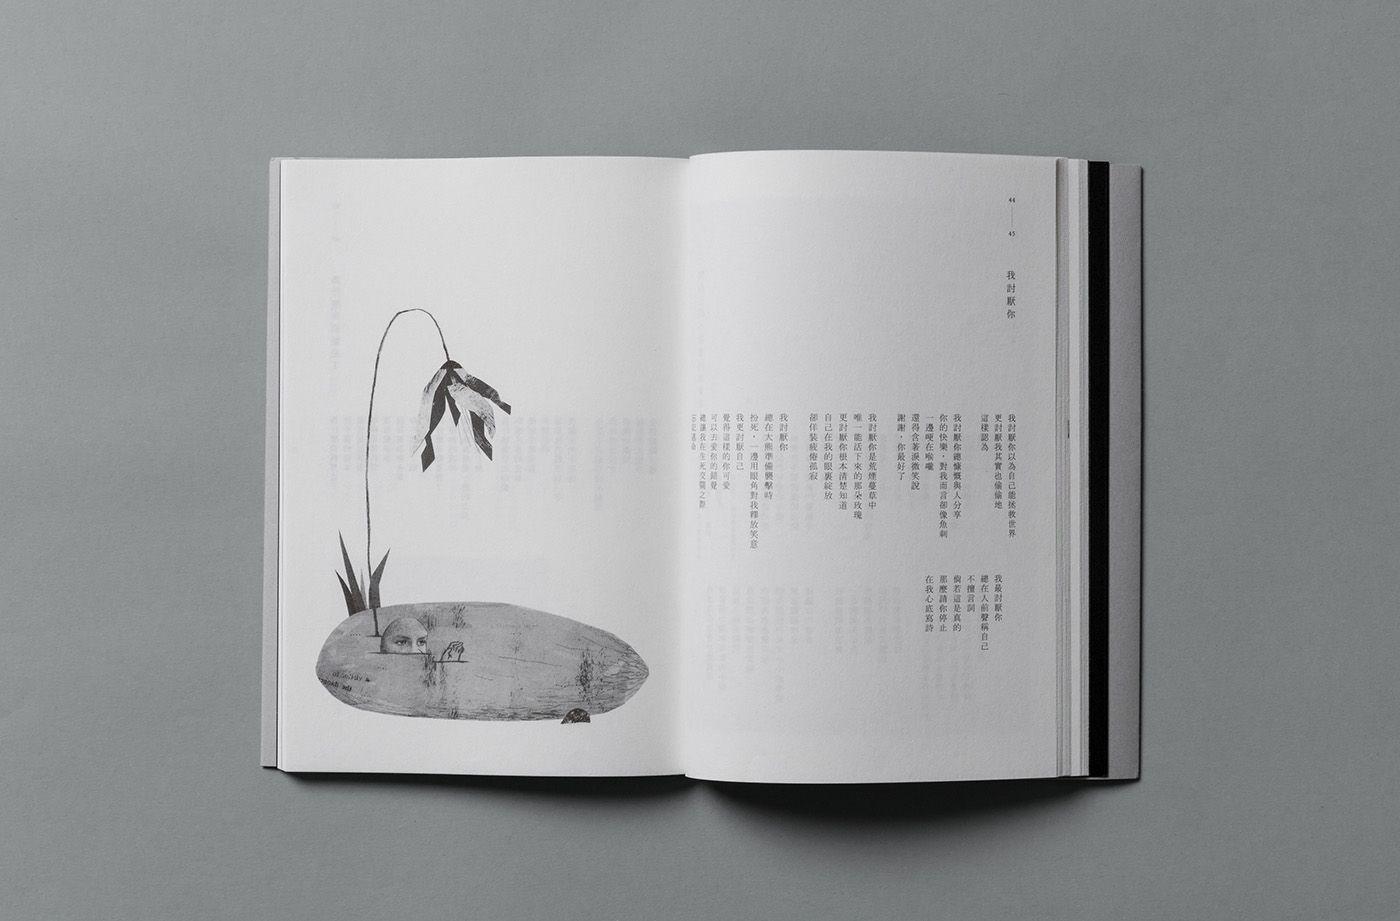 A Poem Book By Pei Fen Hsu On Behance Book Design Poetry Book Design Book Design Inspiration